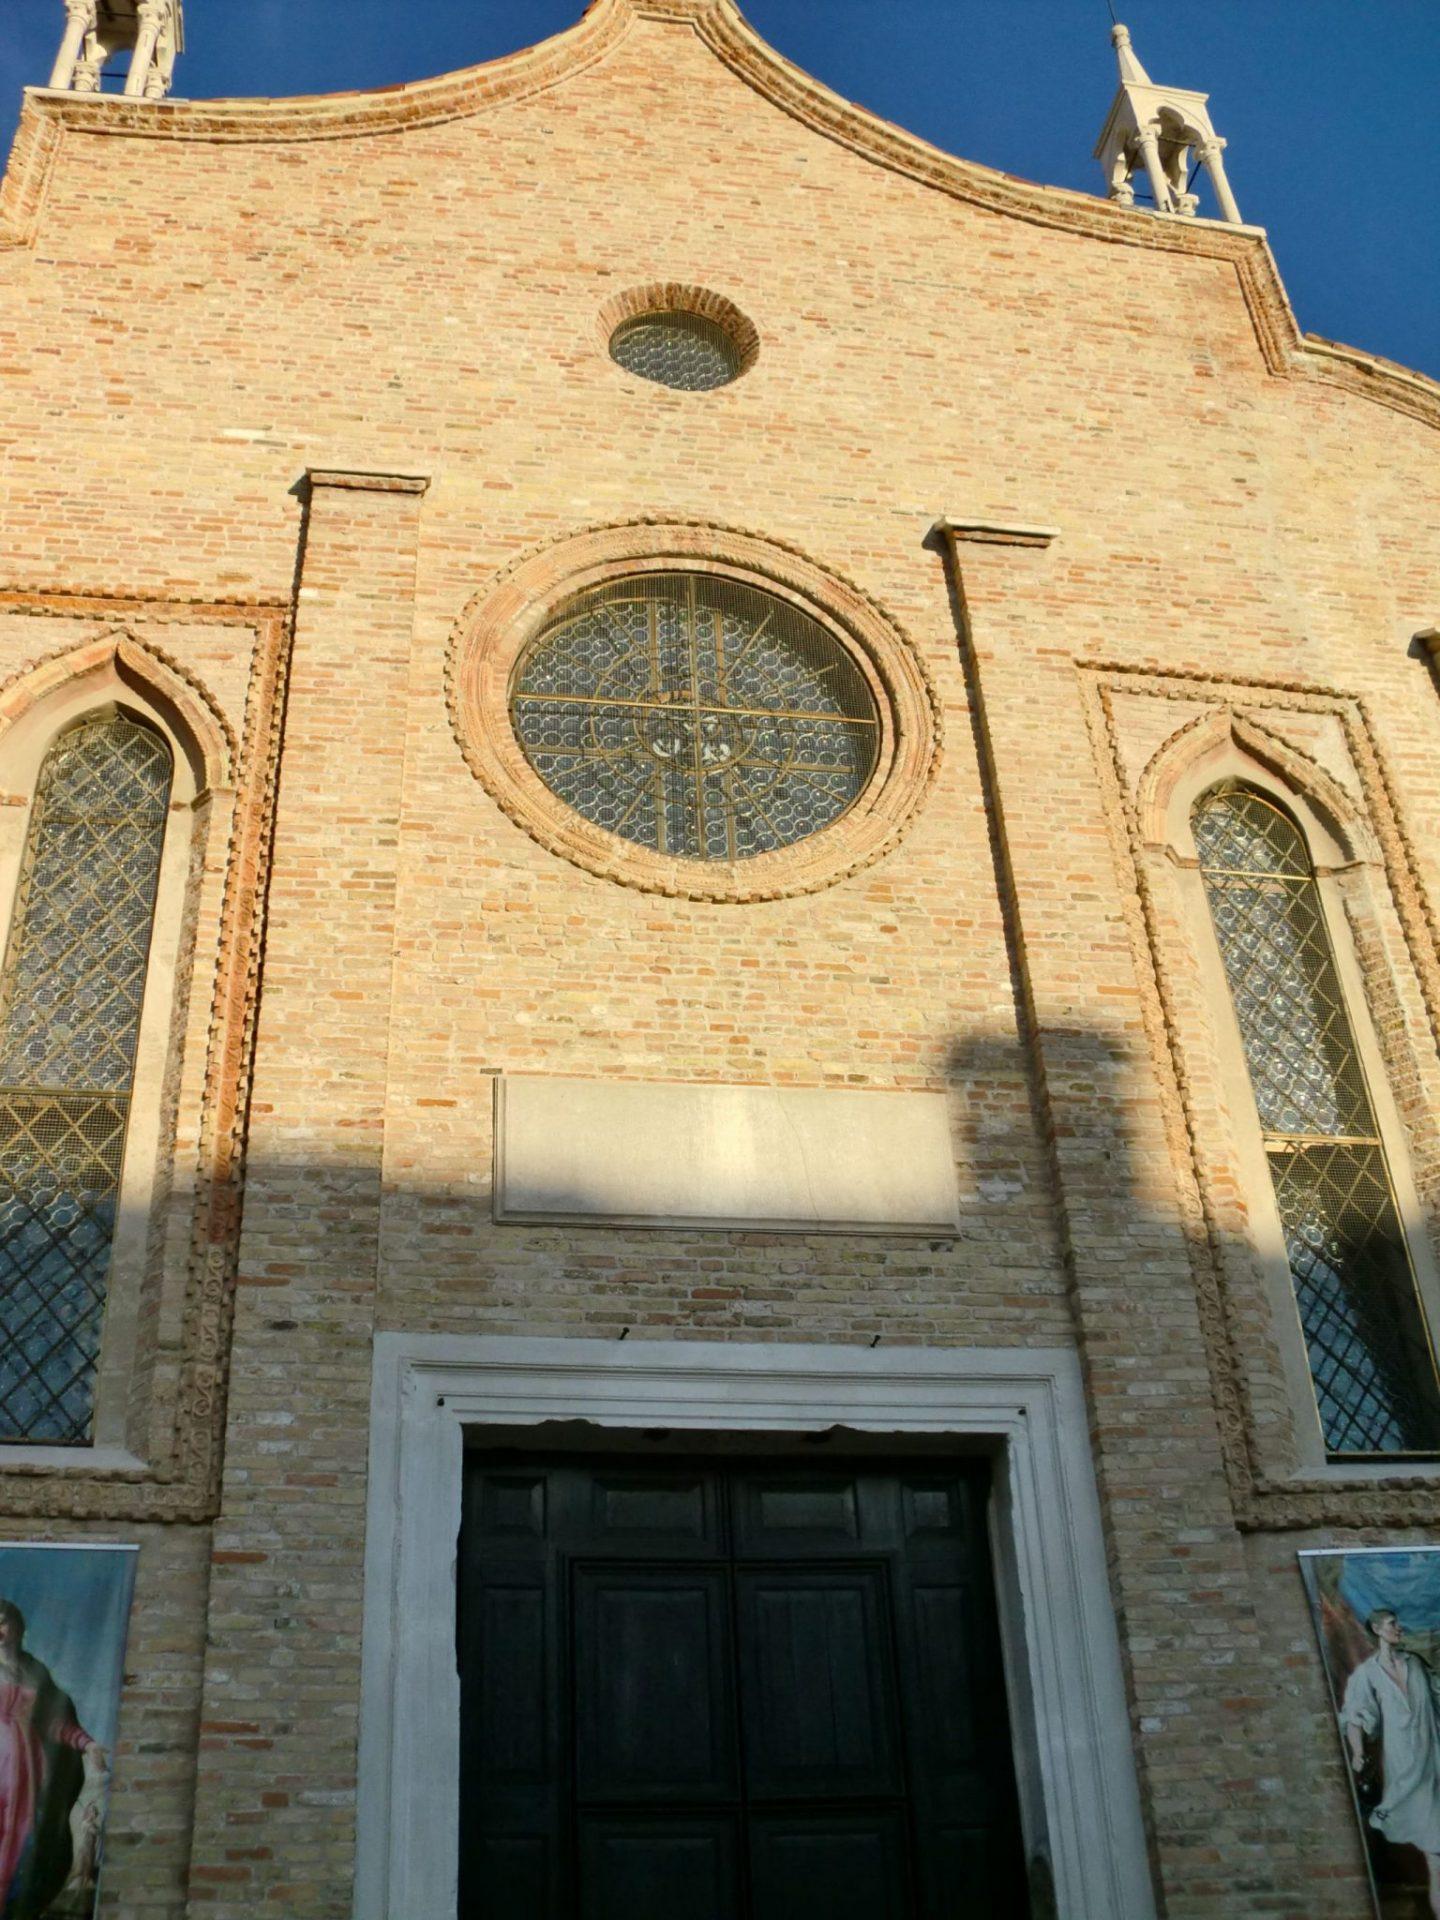 Treviso chiesa 2 1440x1920 - Treviso: Italian beauty